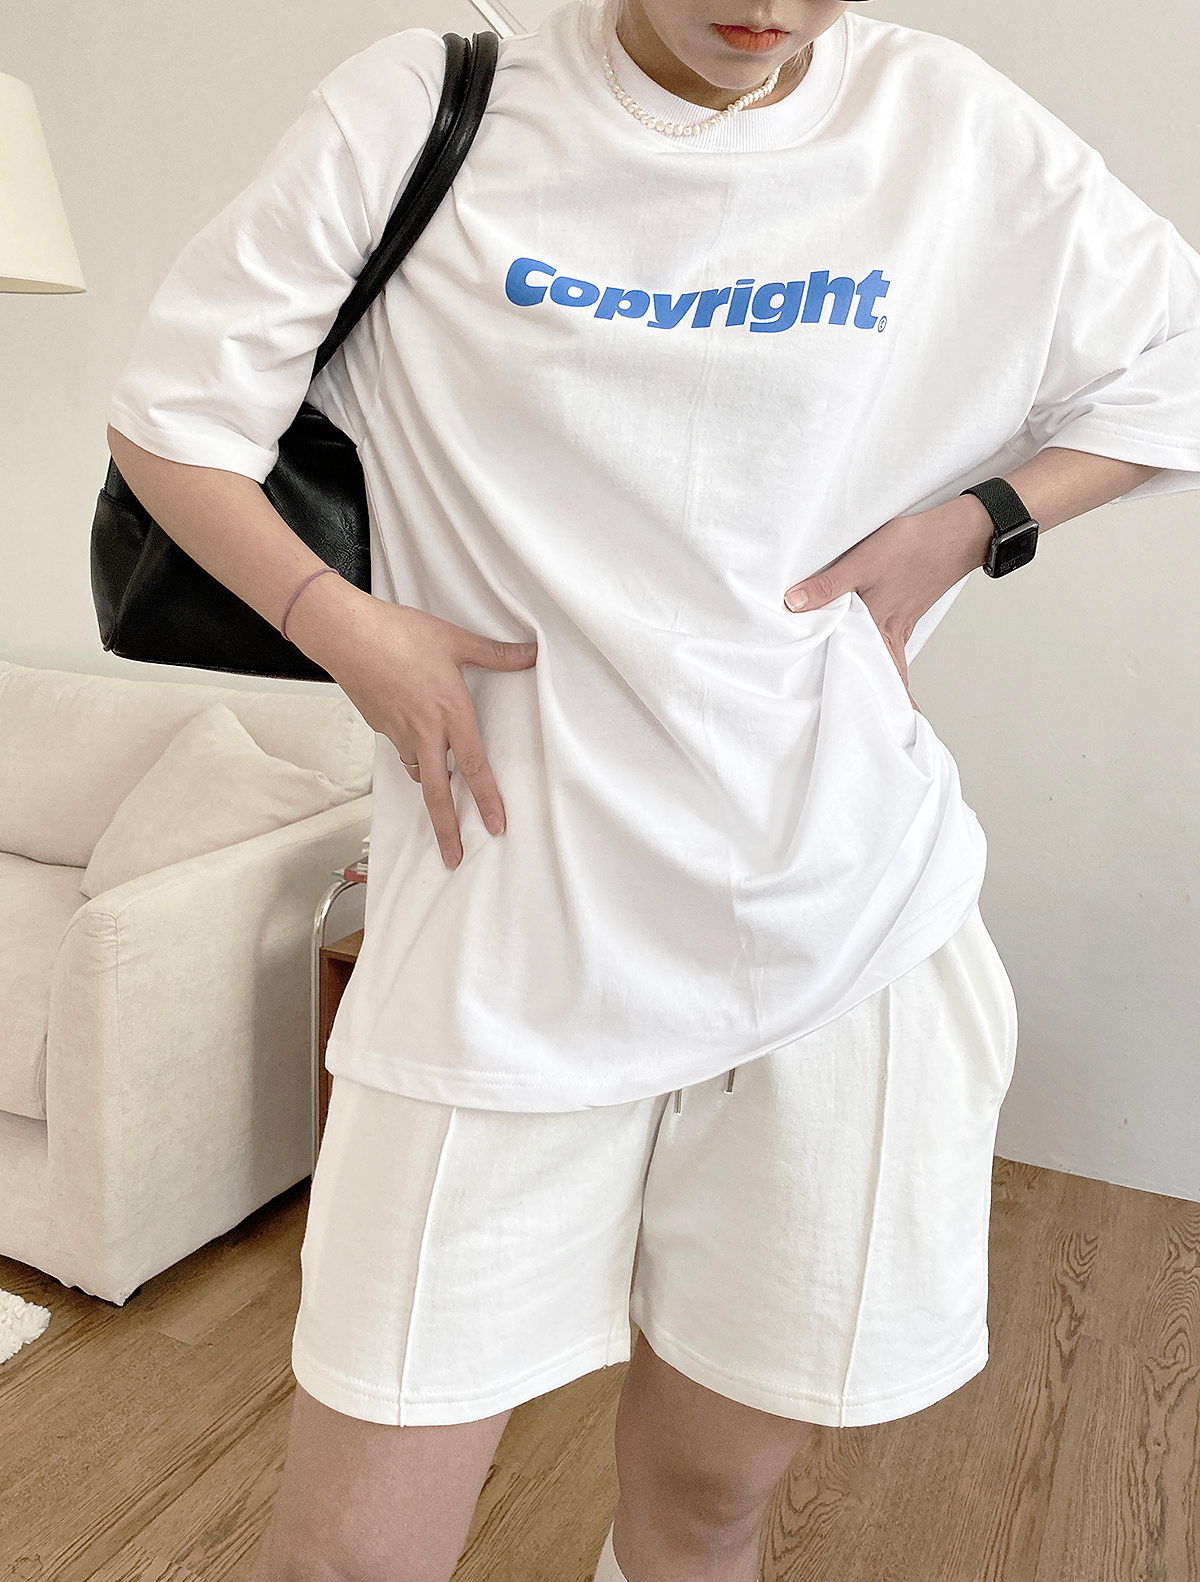 반팔 티셔츠 모델 착용 이미지-S1L24